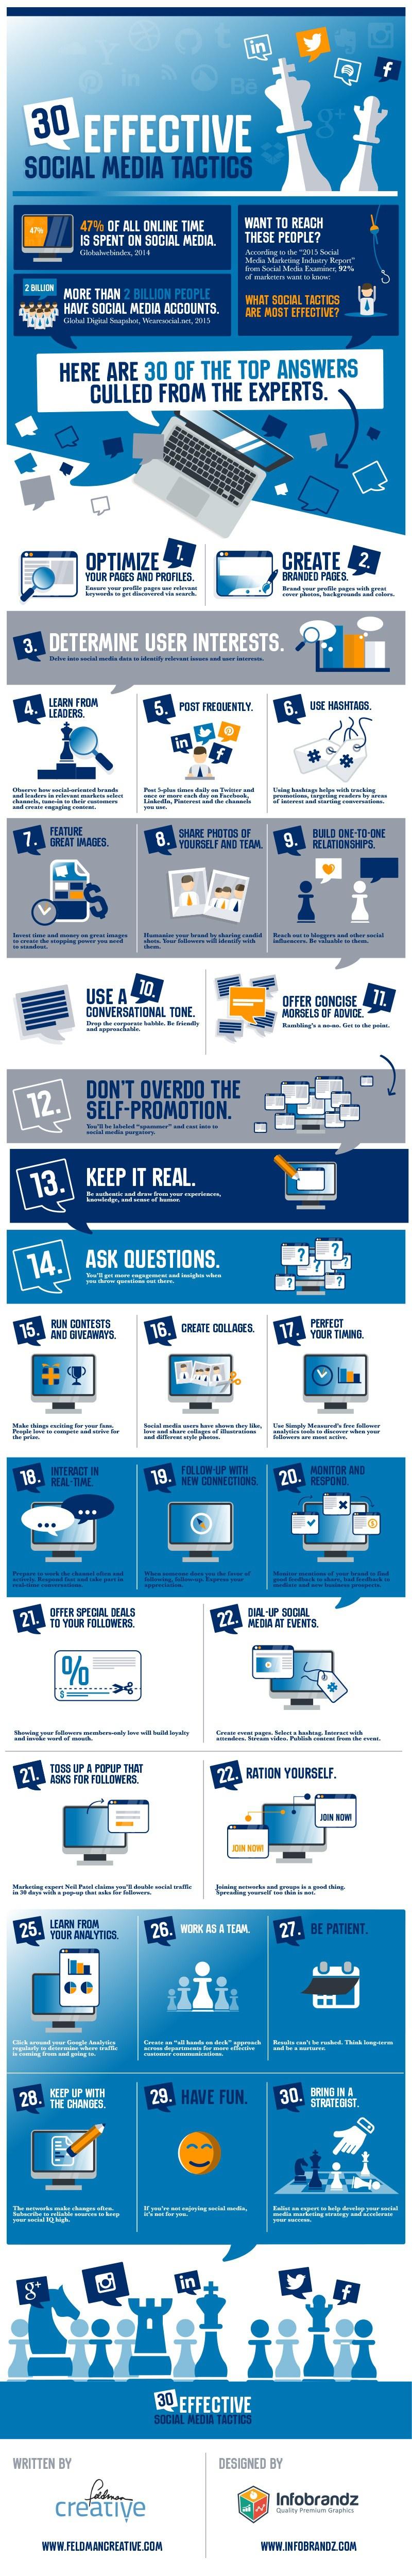 30 Effective Social Media Tactics Infographic